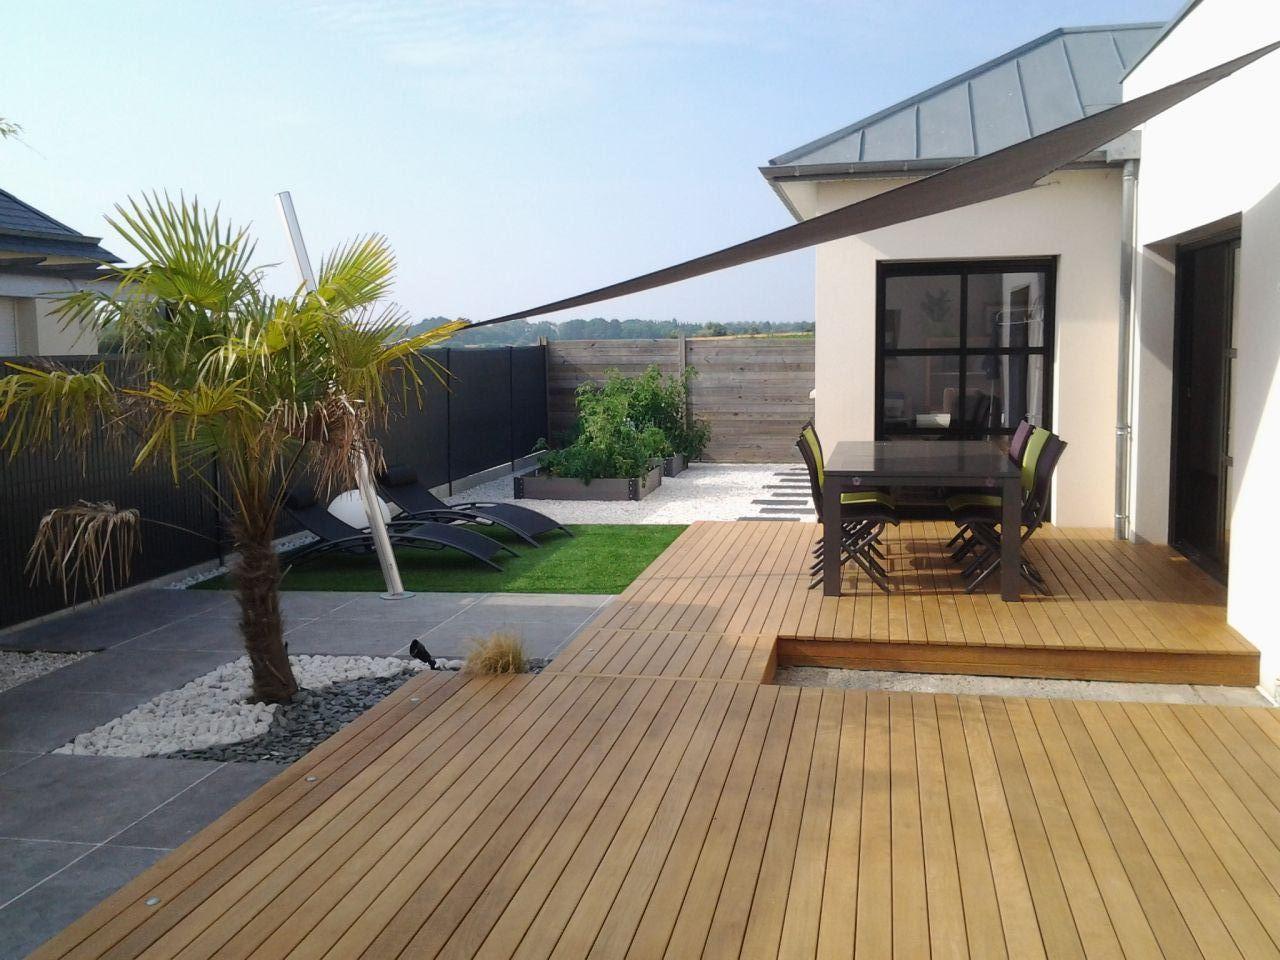 photo terrasse en ip st meloir des ondes ille et vilaine 35 juillet 2014. Black Bedroom Furniture Sets. Home Design Ideas